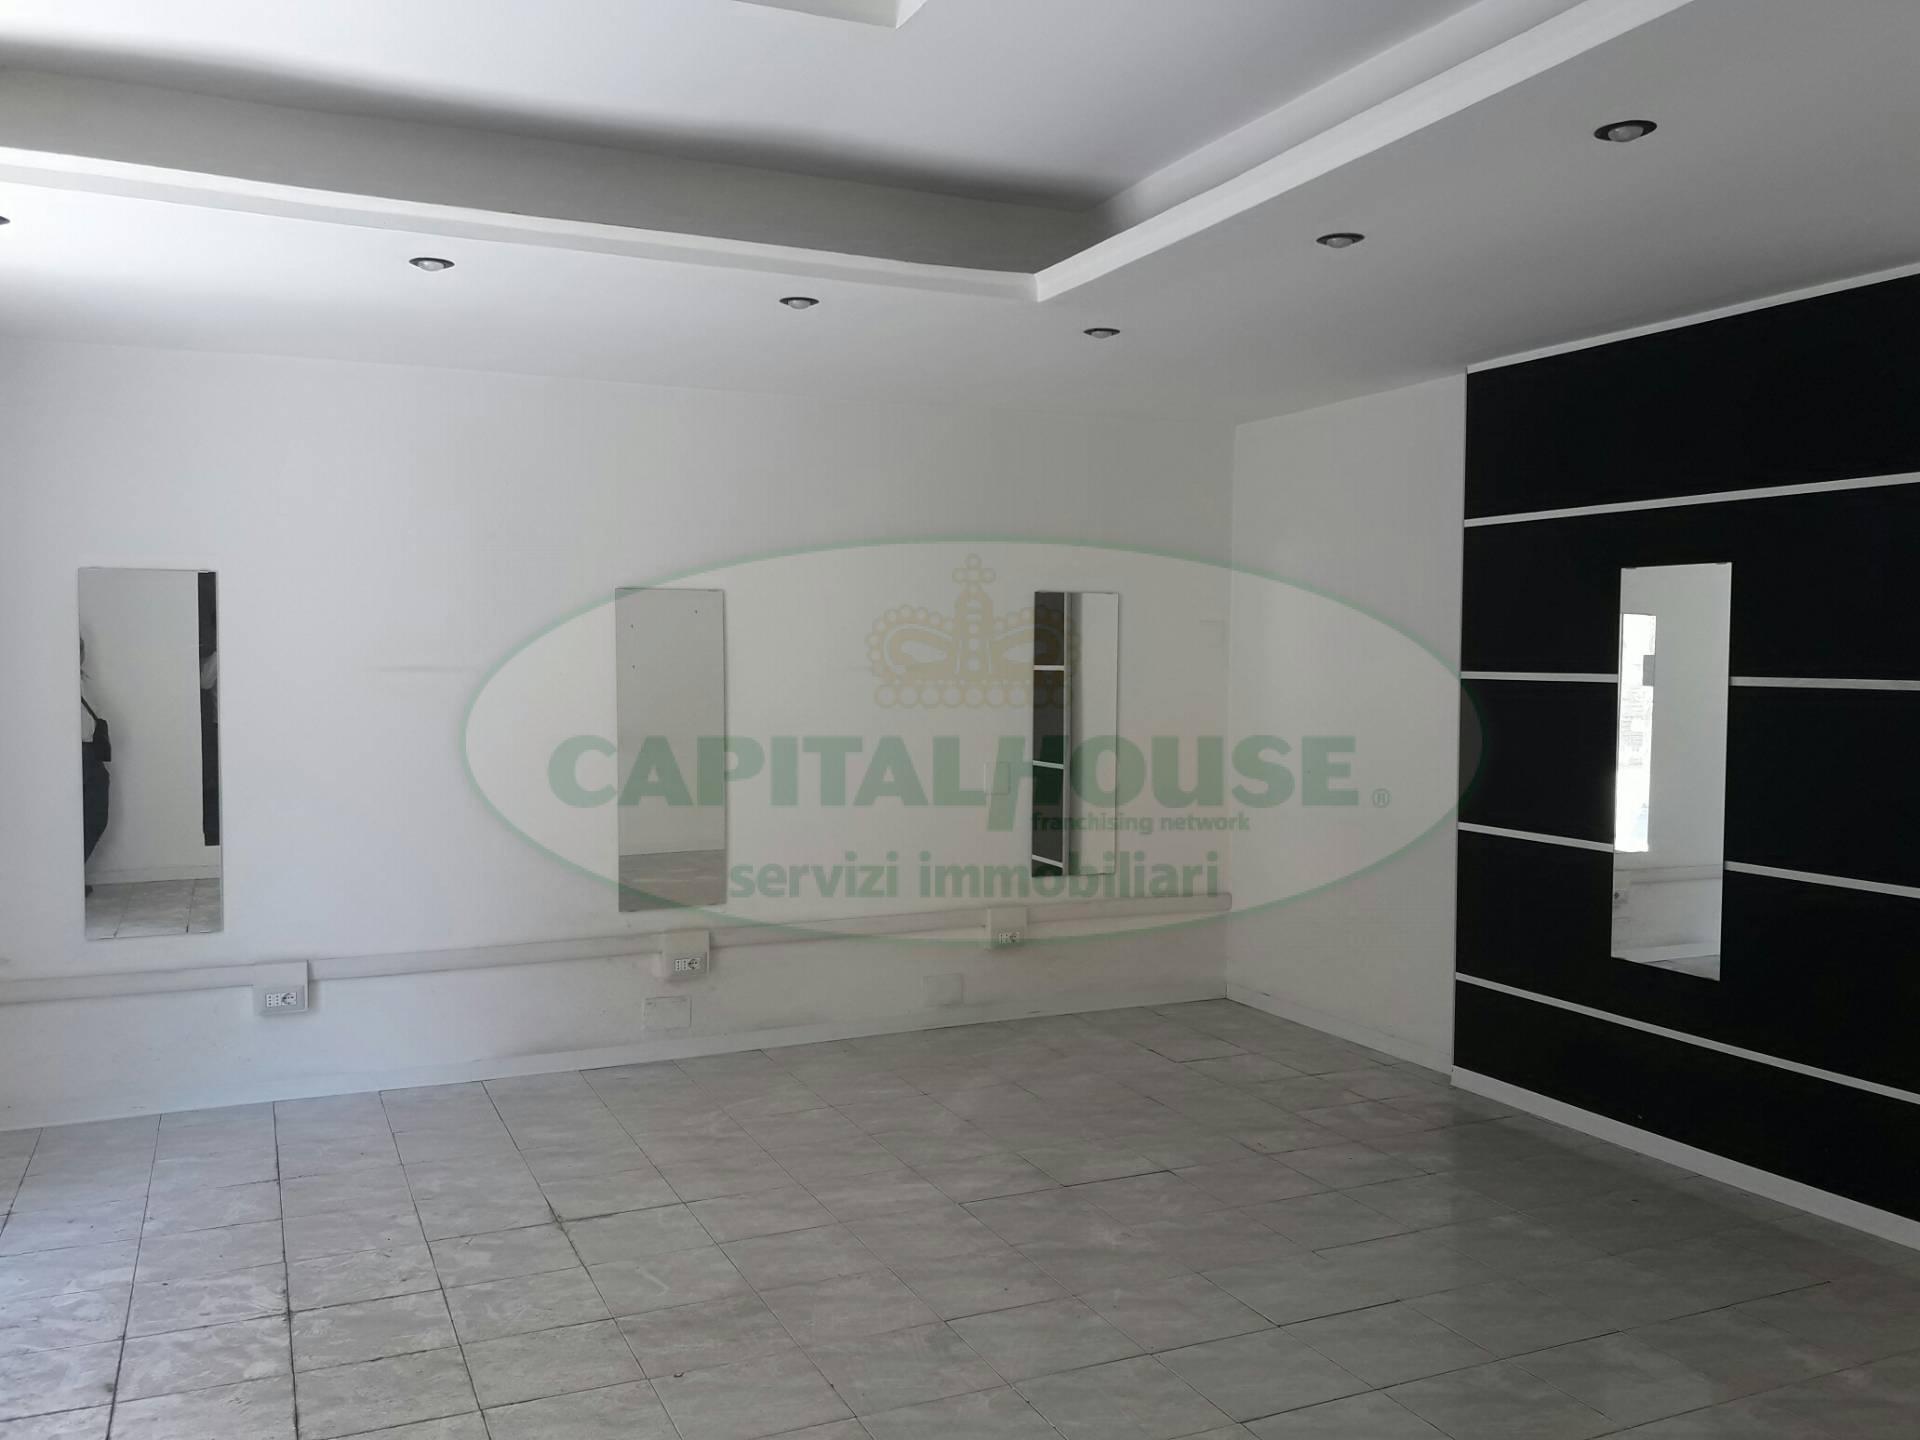 Attività / Licenza in affitto a Macerata Campania, 9999 locali, prezzo € 400 | CambioCasa.it